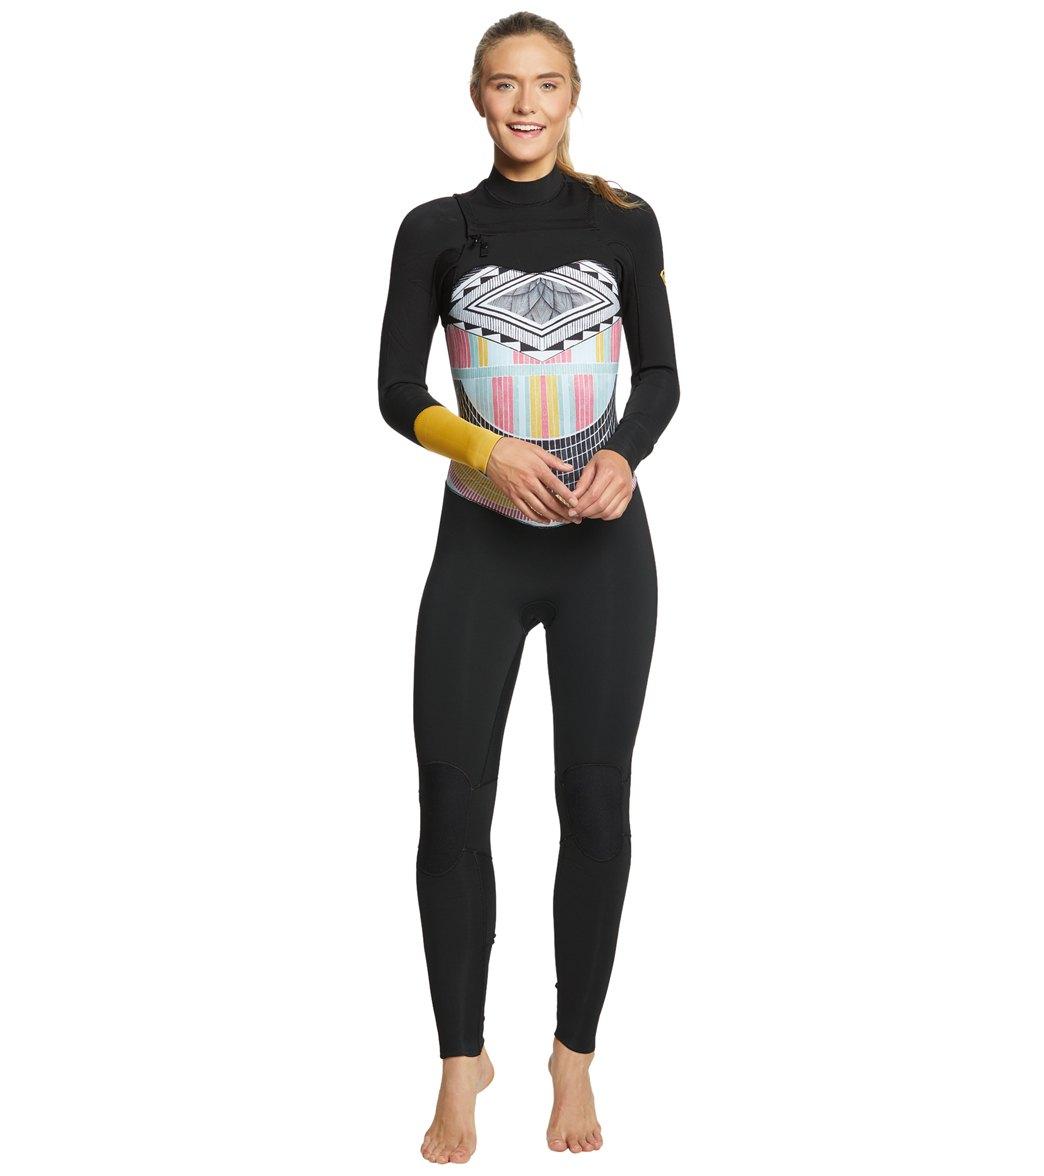 3e9759cee3 Roxy Women s 3 2MM Pop Surf Chest Zip Wetsuit at SwimOutlet.com ...